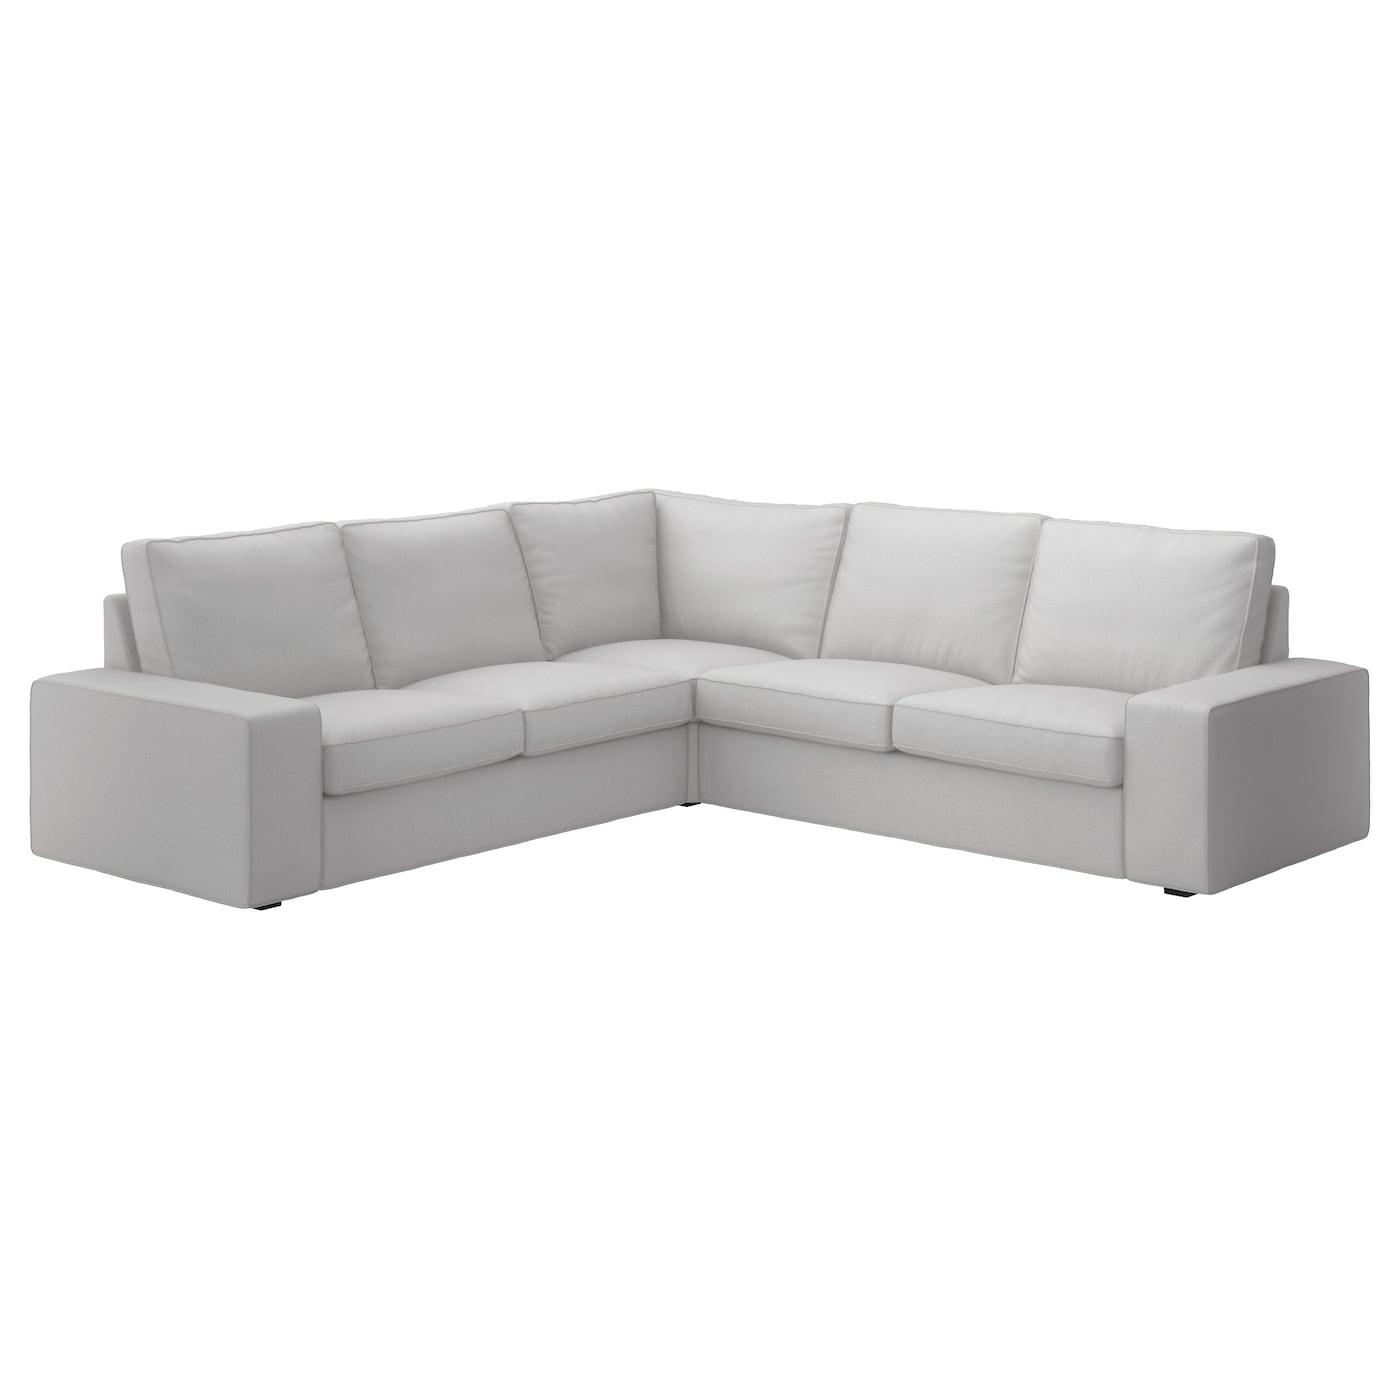 KIVIK Corner sofa 22 Ramna light grey IKEA